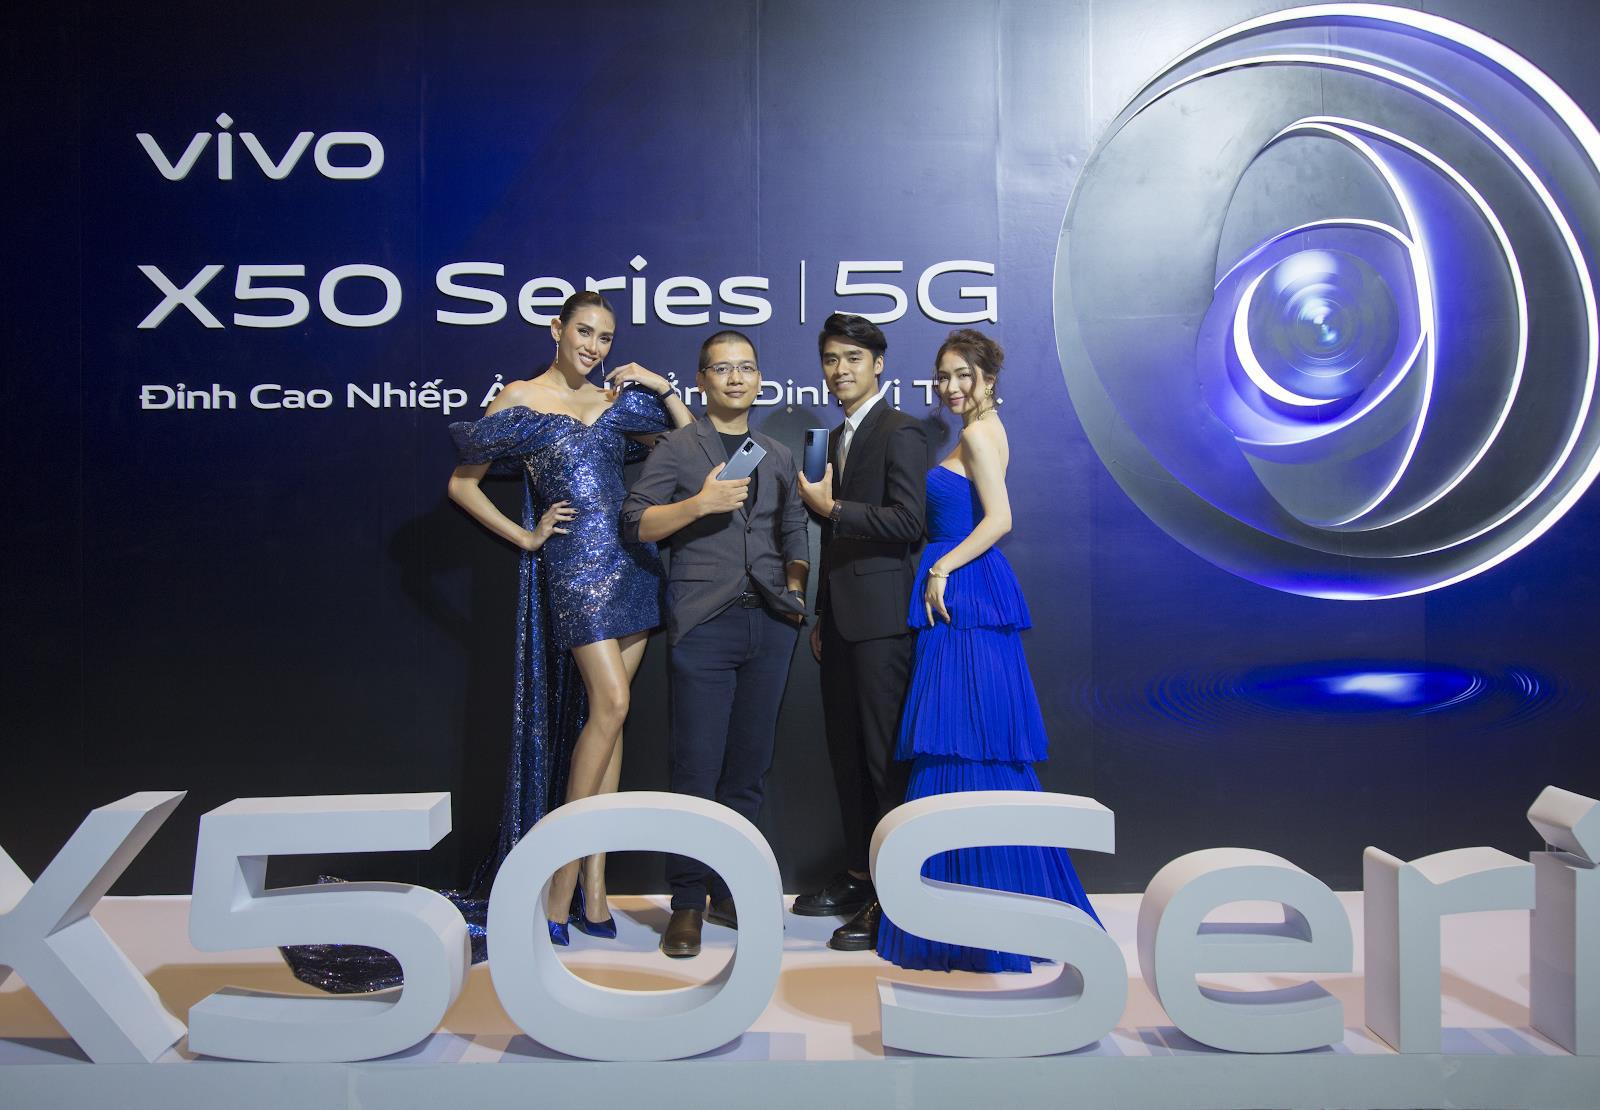 vivo X50 và vivo X50 Pro chính thức ra mắt tại Việt Nam: Camera Gimbal, chụp đêm siêu việt giá 12,99 và 19,99 triệu đồng cho hai phiên bản - Ảnh 1.